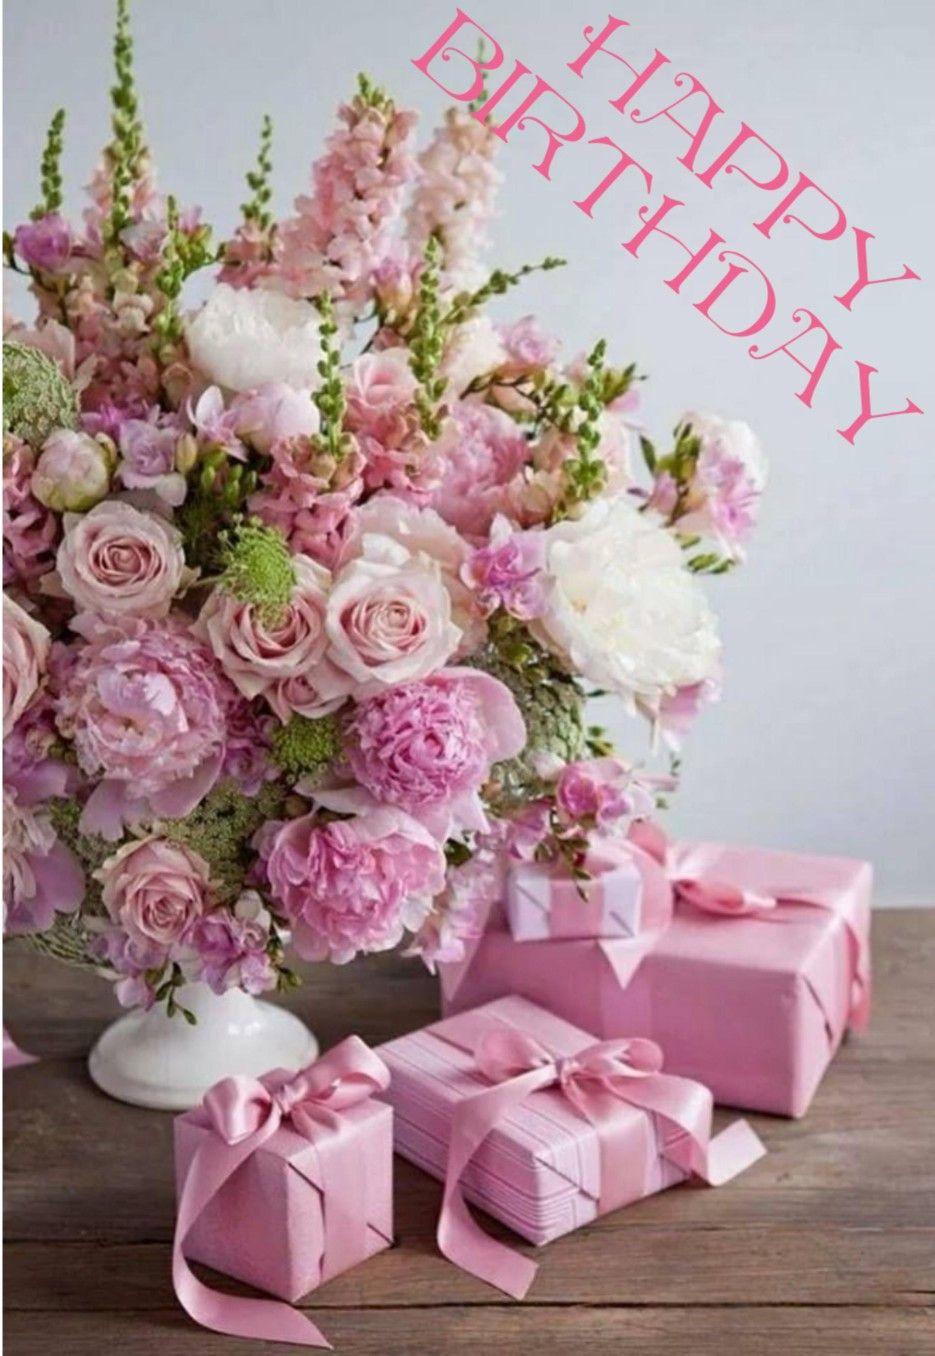 Happy birthday pink flower arrangements birthday